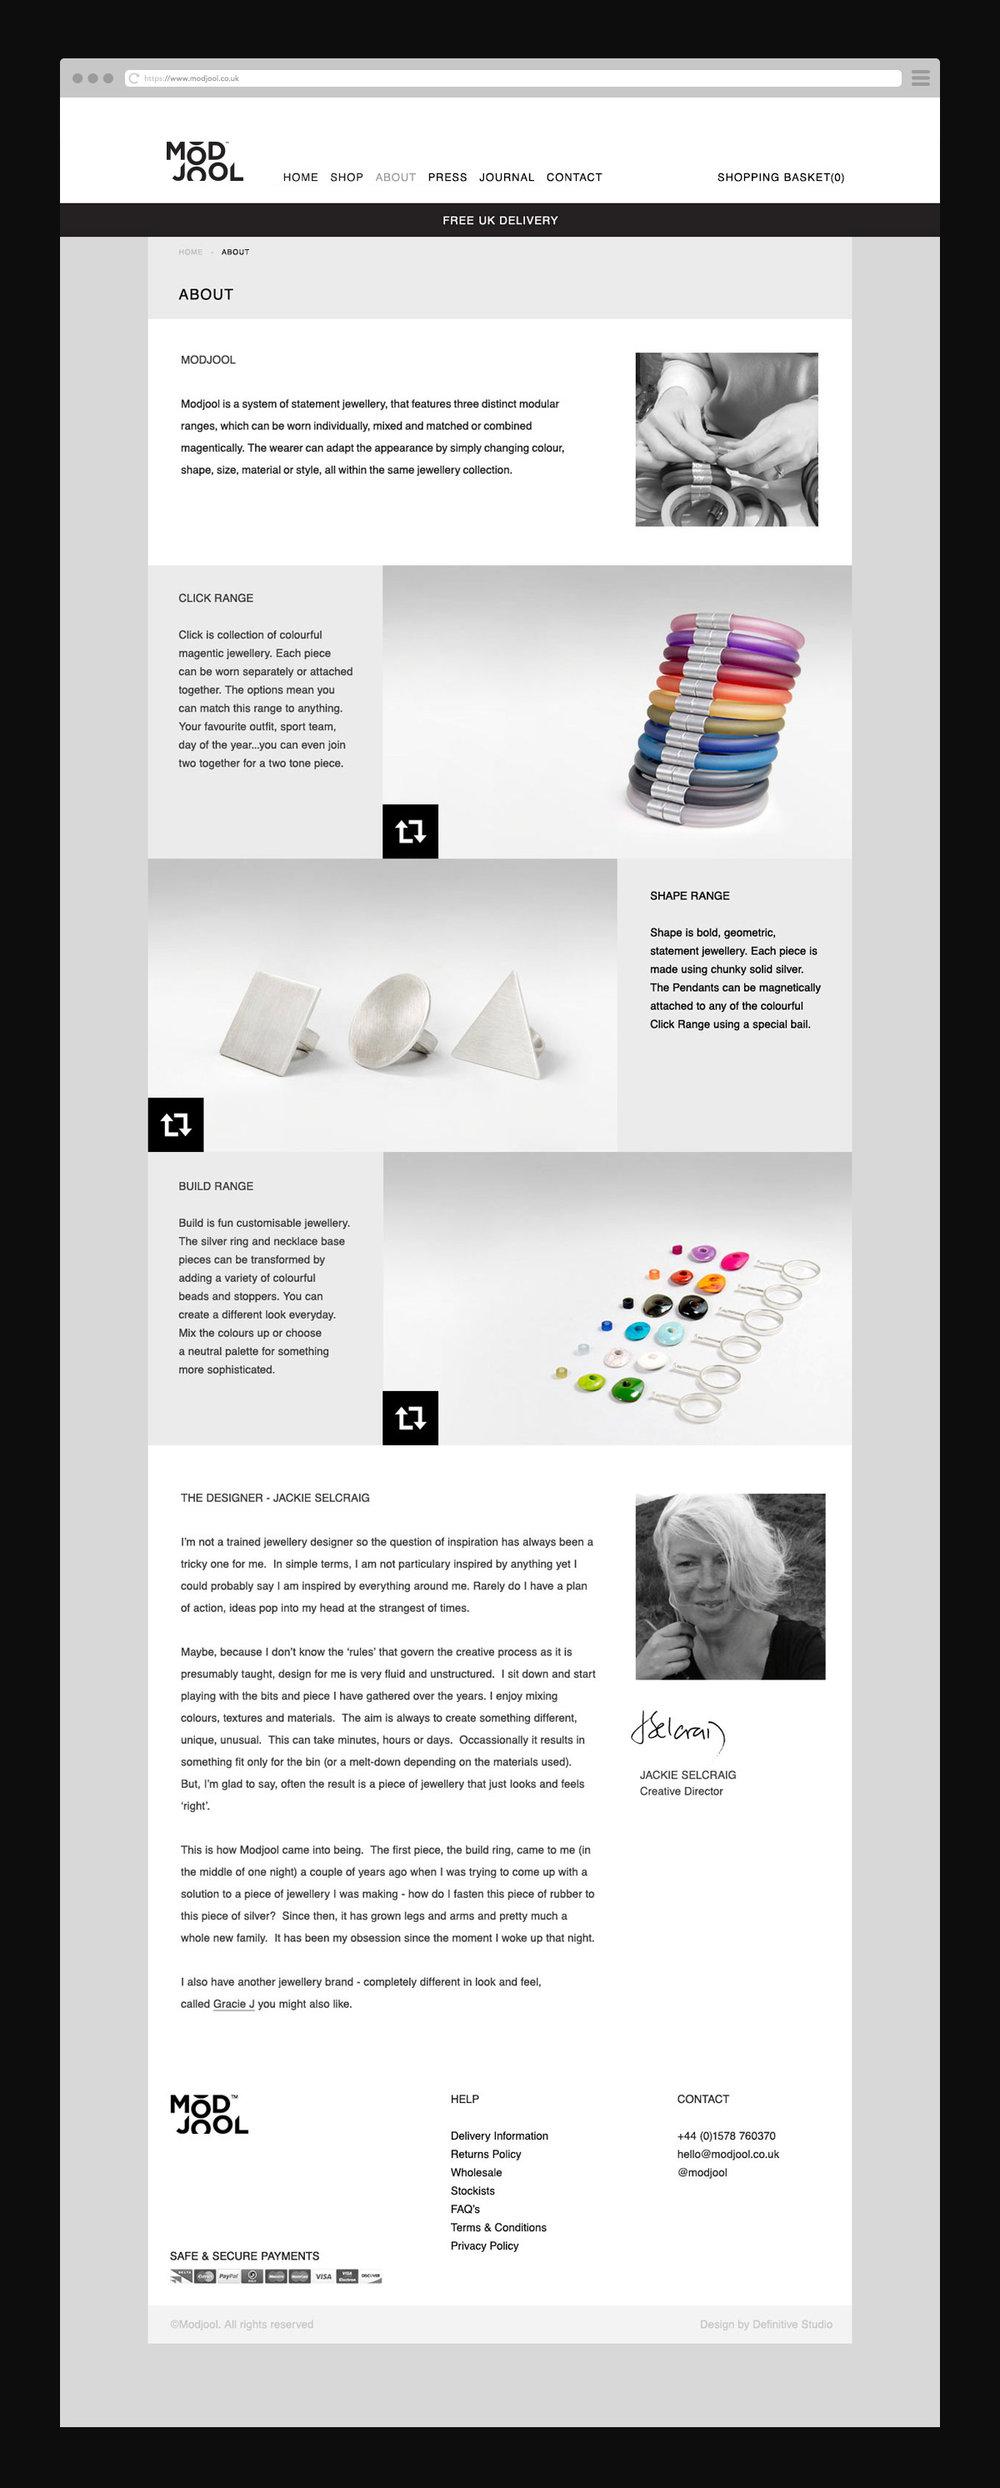 modjool-about-page.jpg